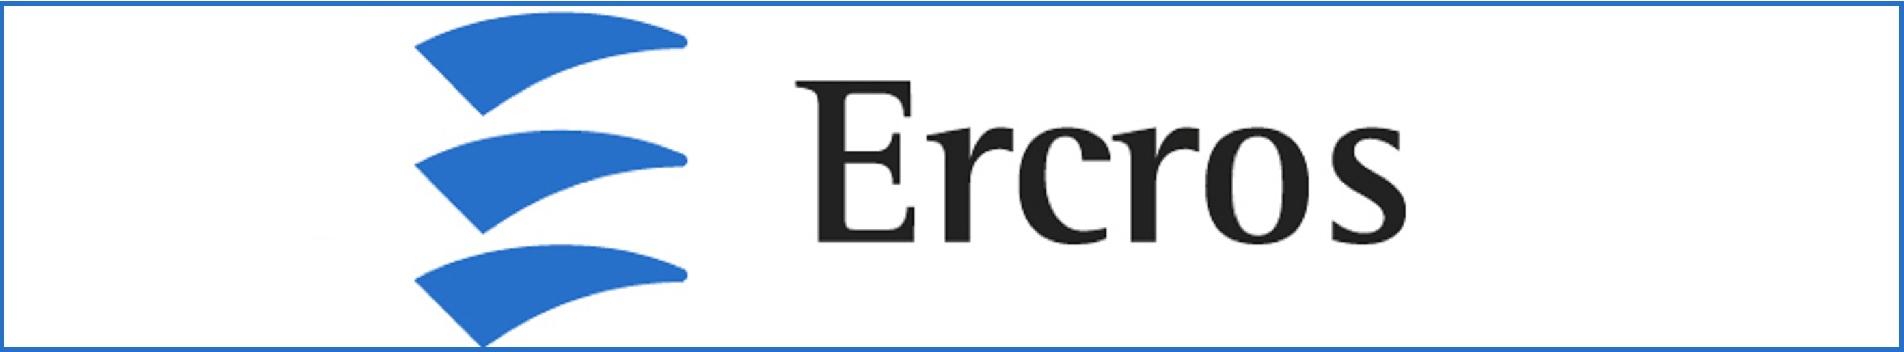 Ercros, nuevo asociado en Asobiocom